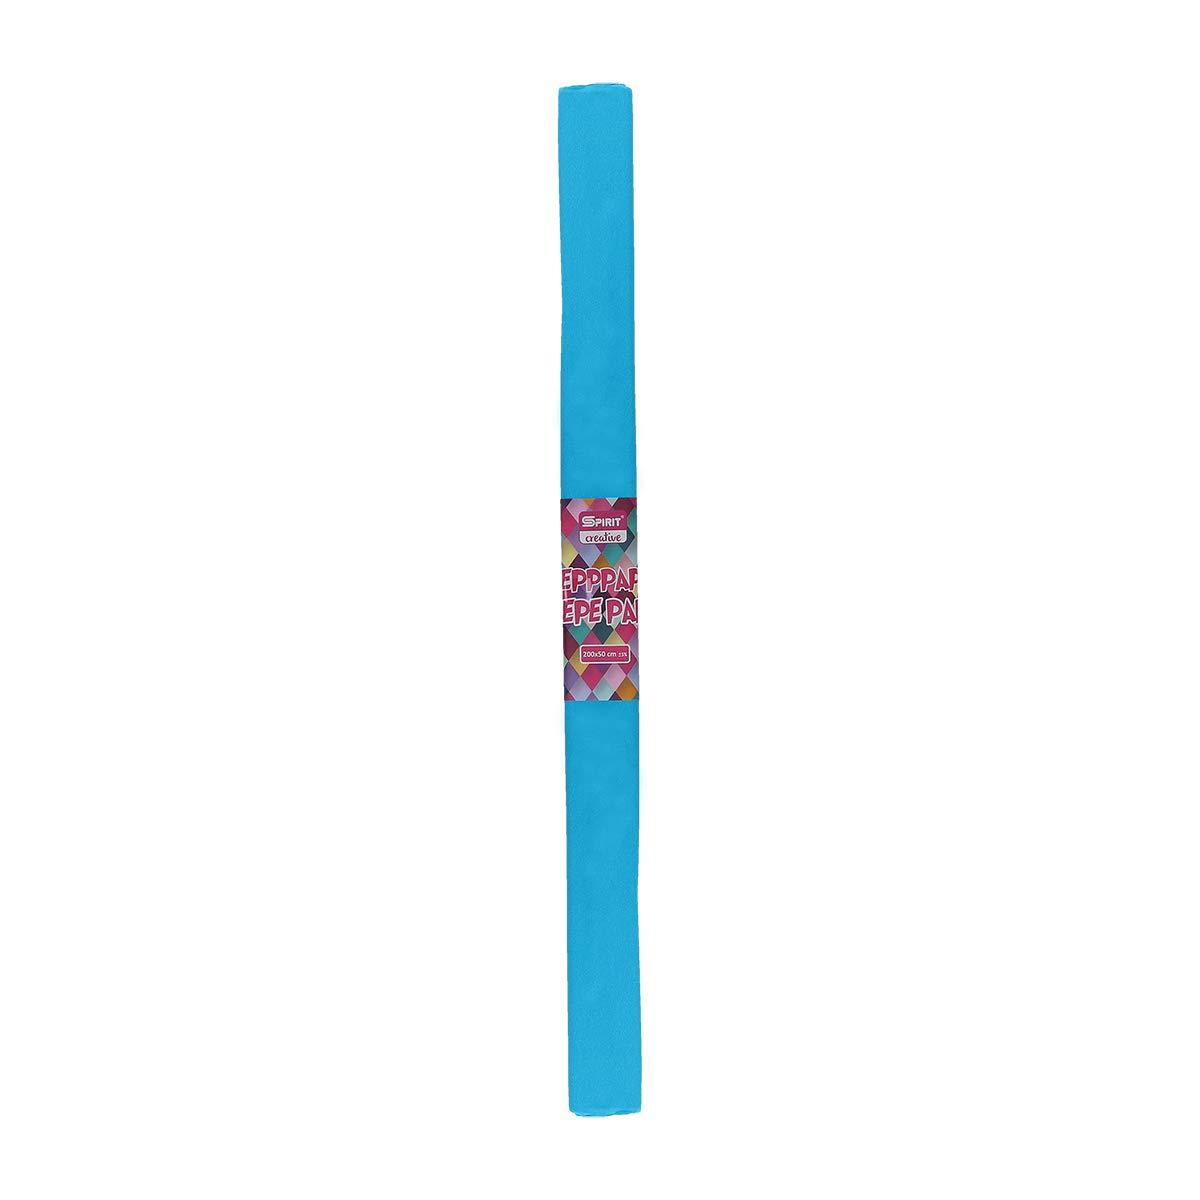 colore: Azzurro Carta crespa SB 200 x 50 cm